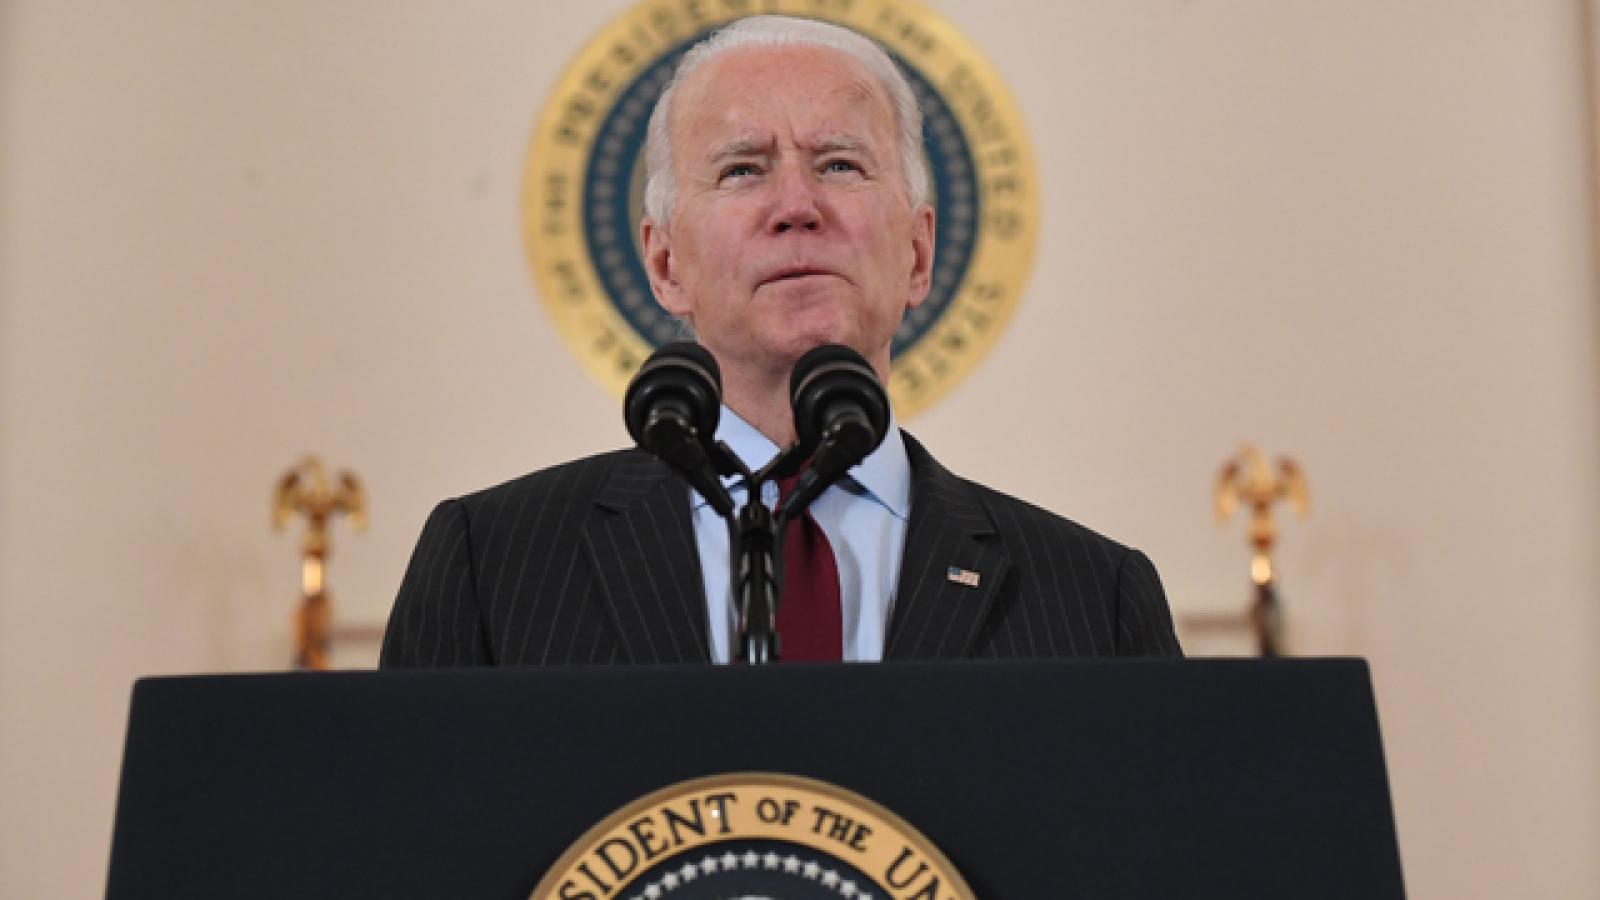 Biden: Con số 500.000 người Mỹ tử vong do Covid-19 thực sự nghiệt ngã và đau lòng